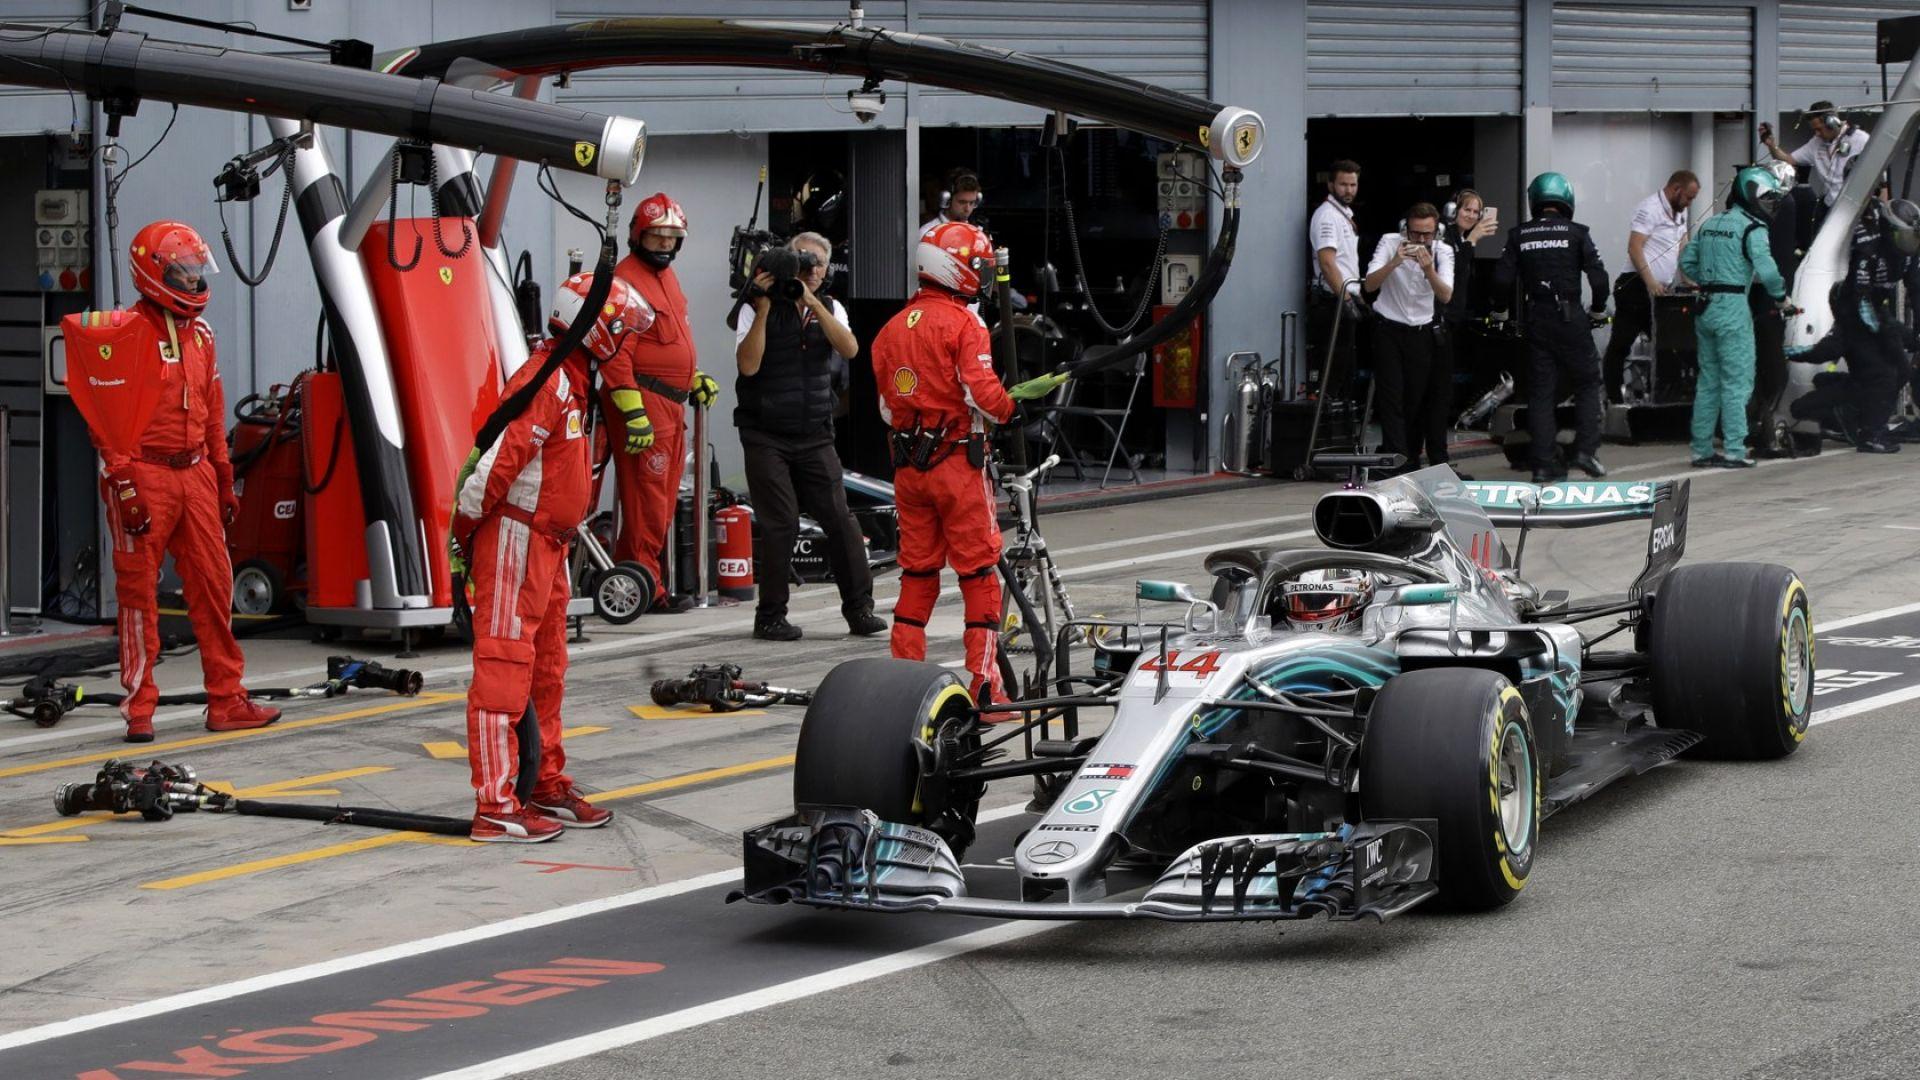 """Хамилтън ще стартира първи, провал за """"Ферари"""""""